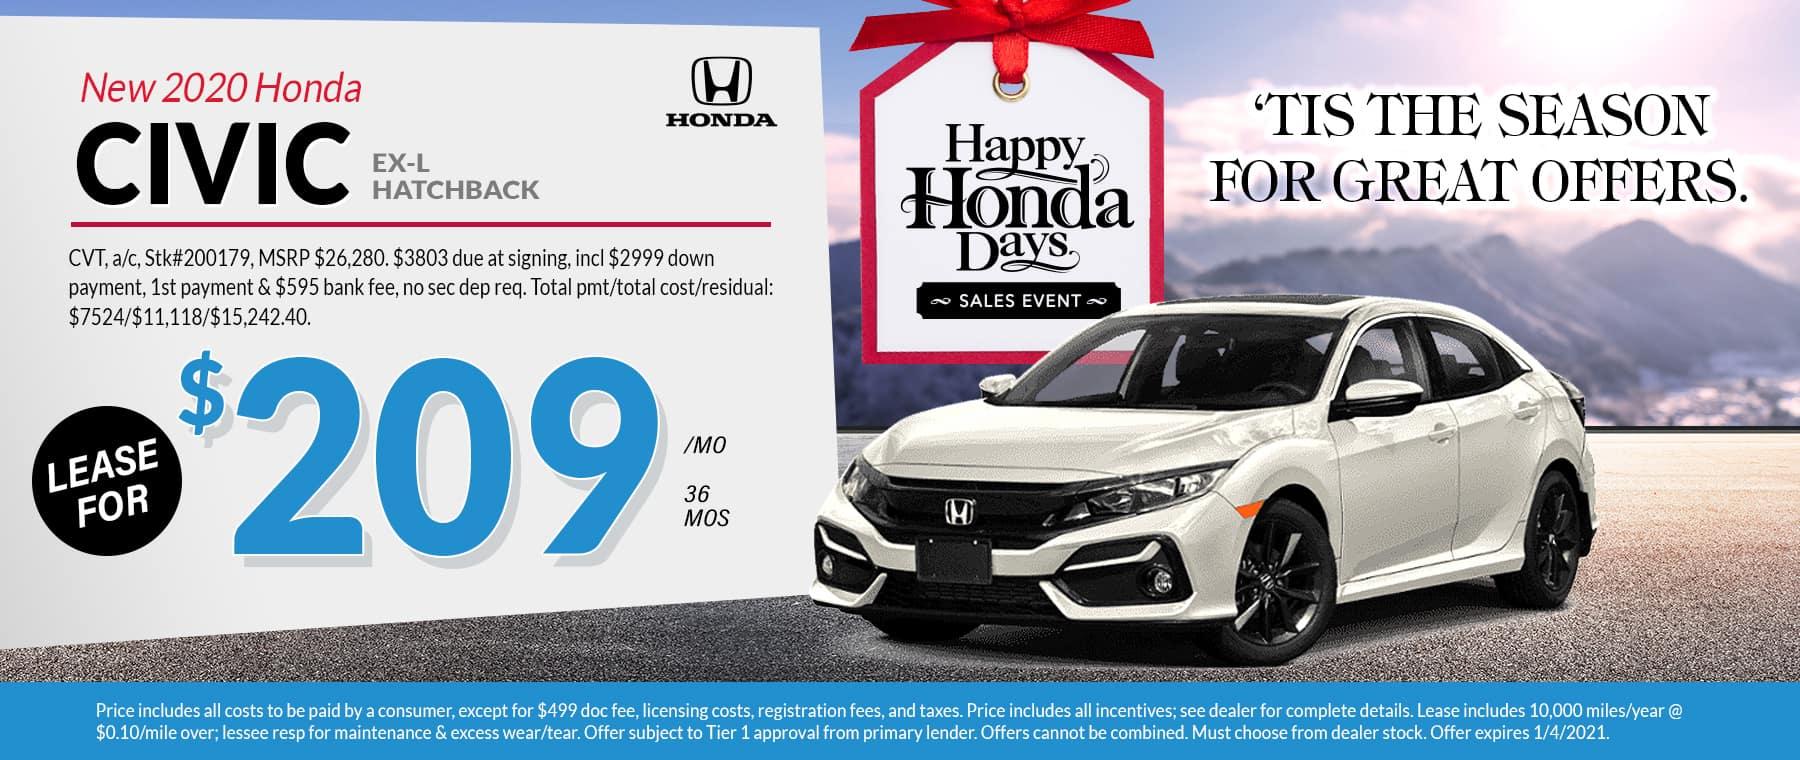 2020 Honda Civic November 2020